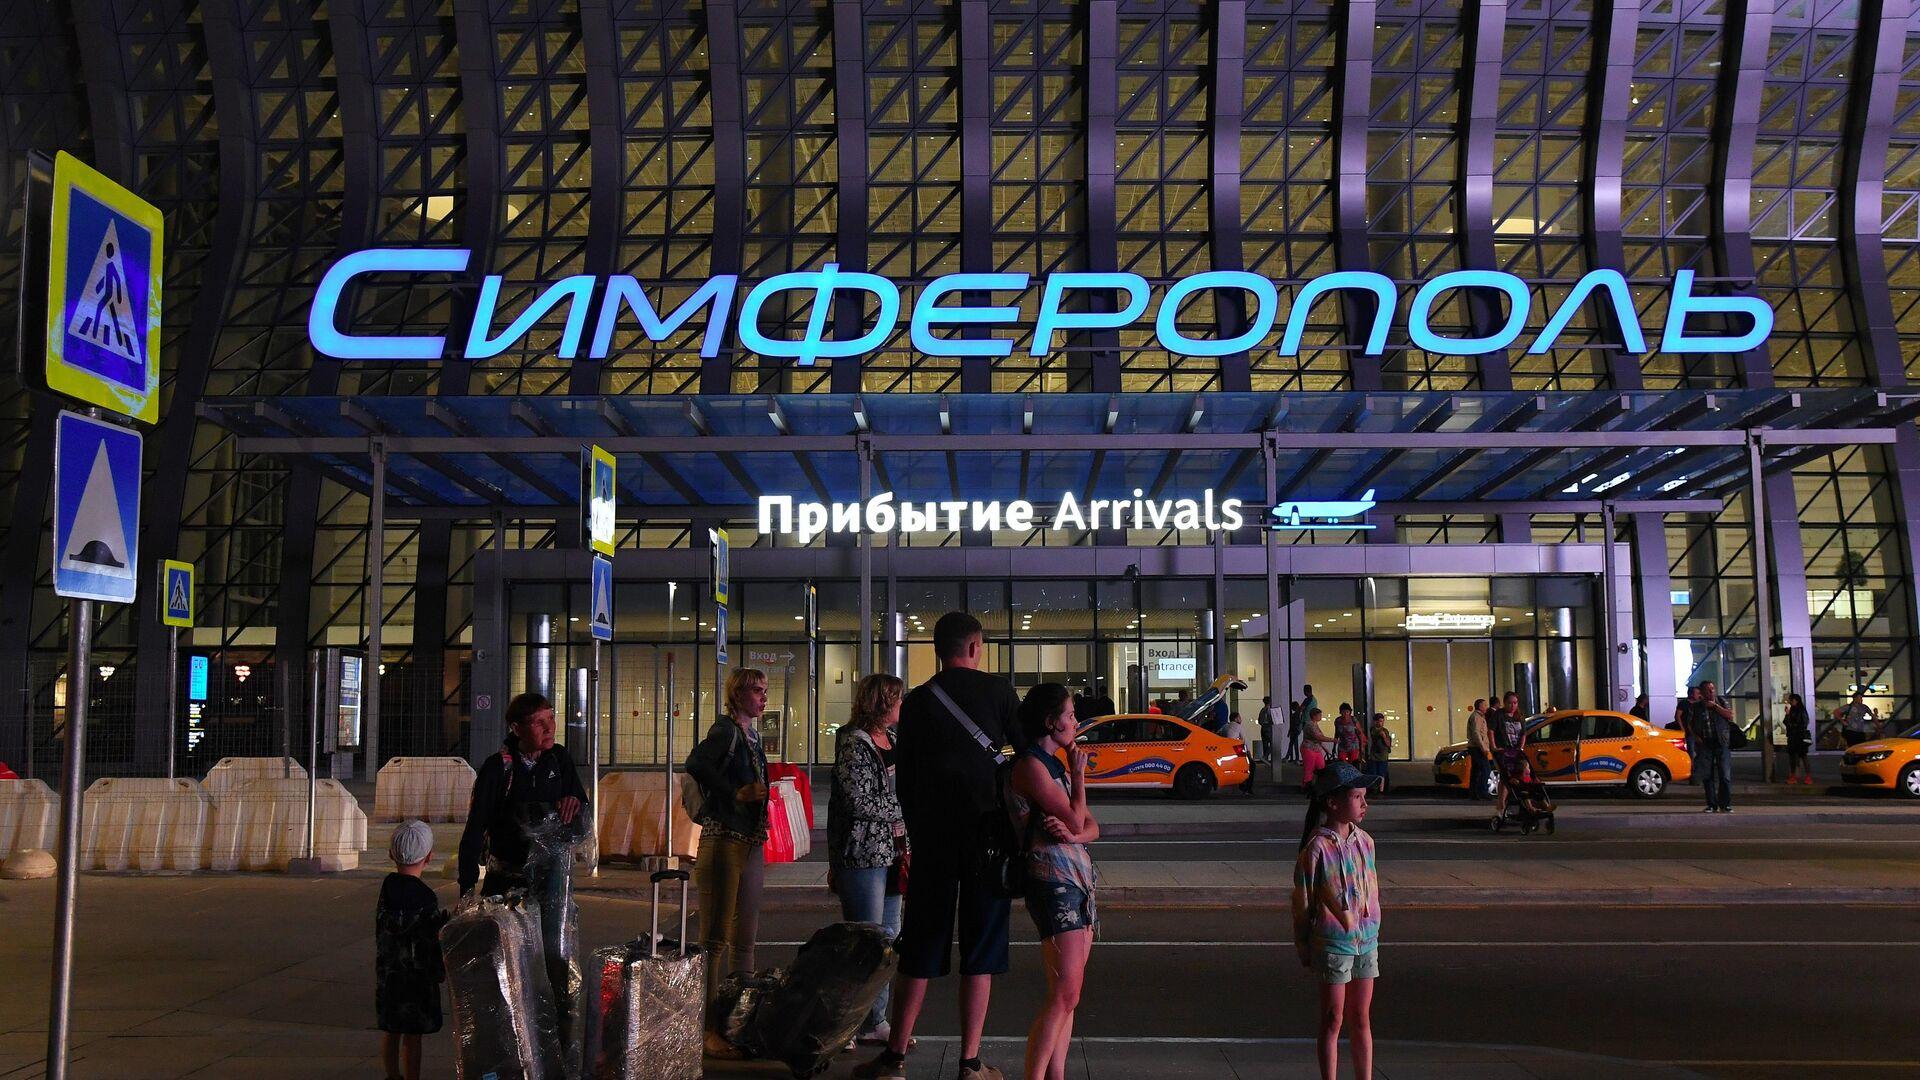 Пассажиры у здания терминала Крымская волна международного аэропорта Симферополь - РИА Новости, 1920, 03.06.2021